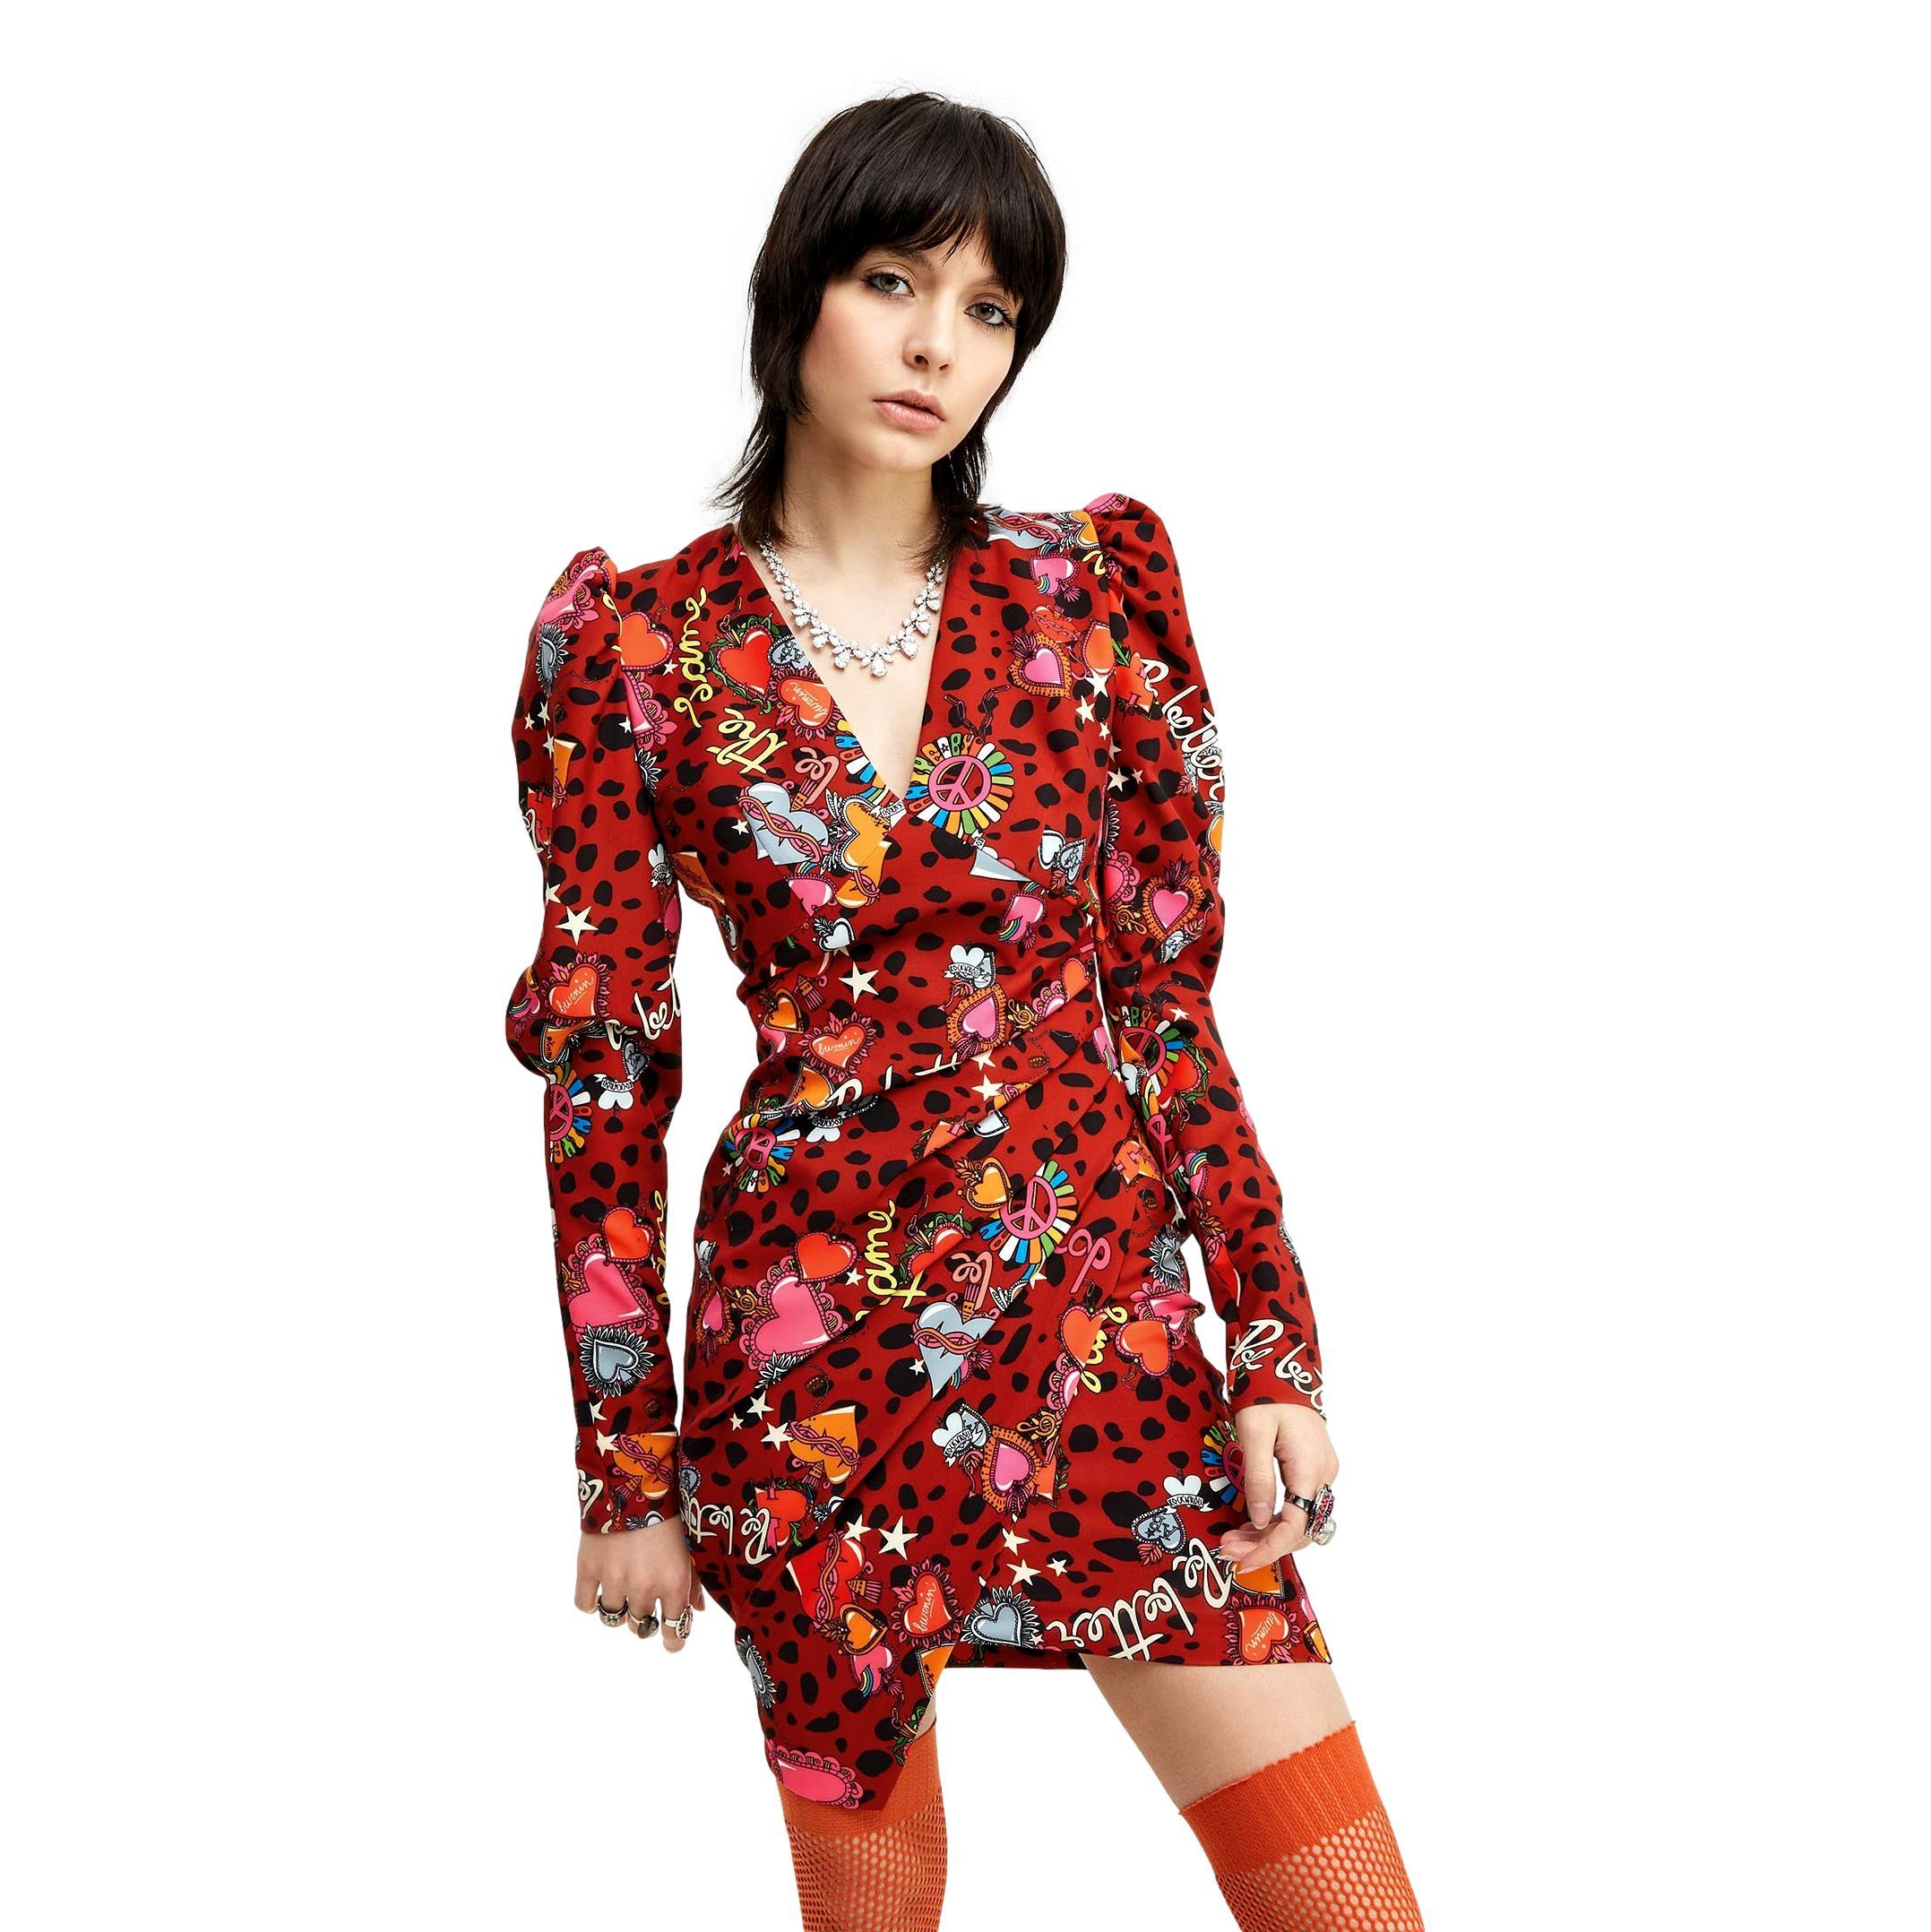 DRESS LOVE ANIYE BY ANIYE BY      18120800111